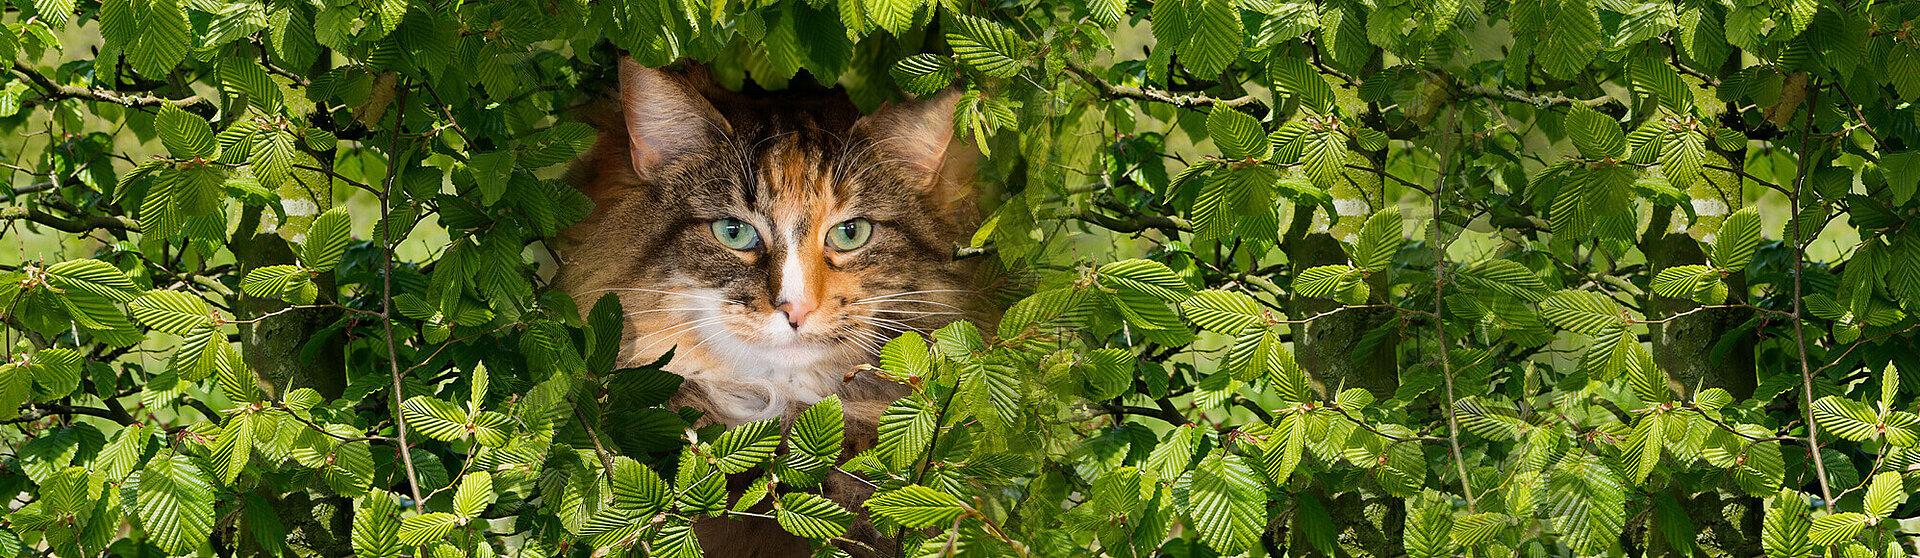 Adrisin Katze schaut durch eine Hecke.